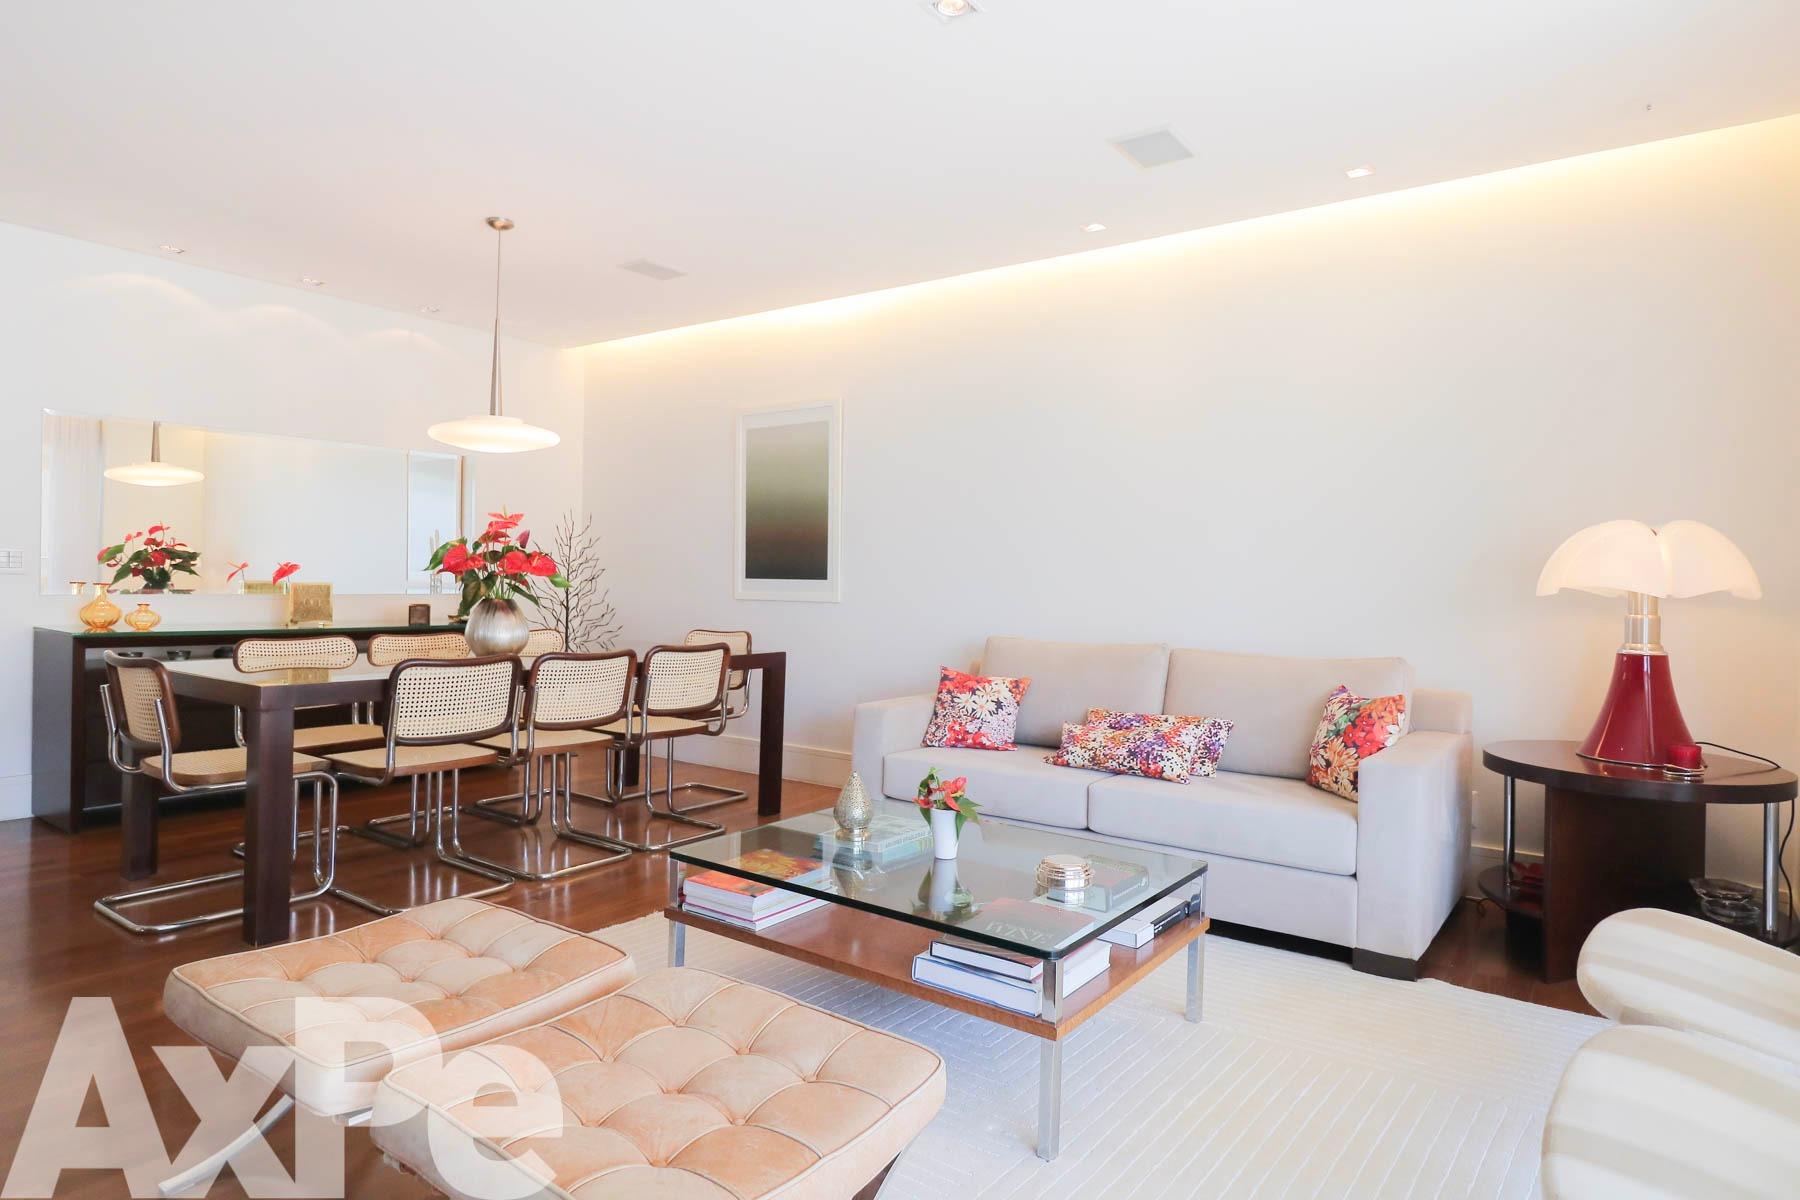 Axpe Apartamento - AX146175